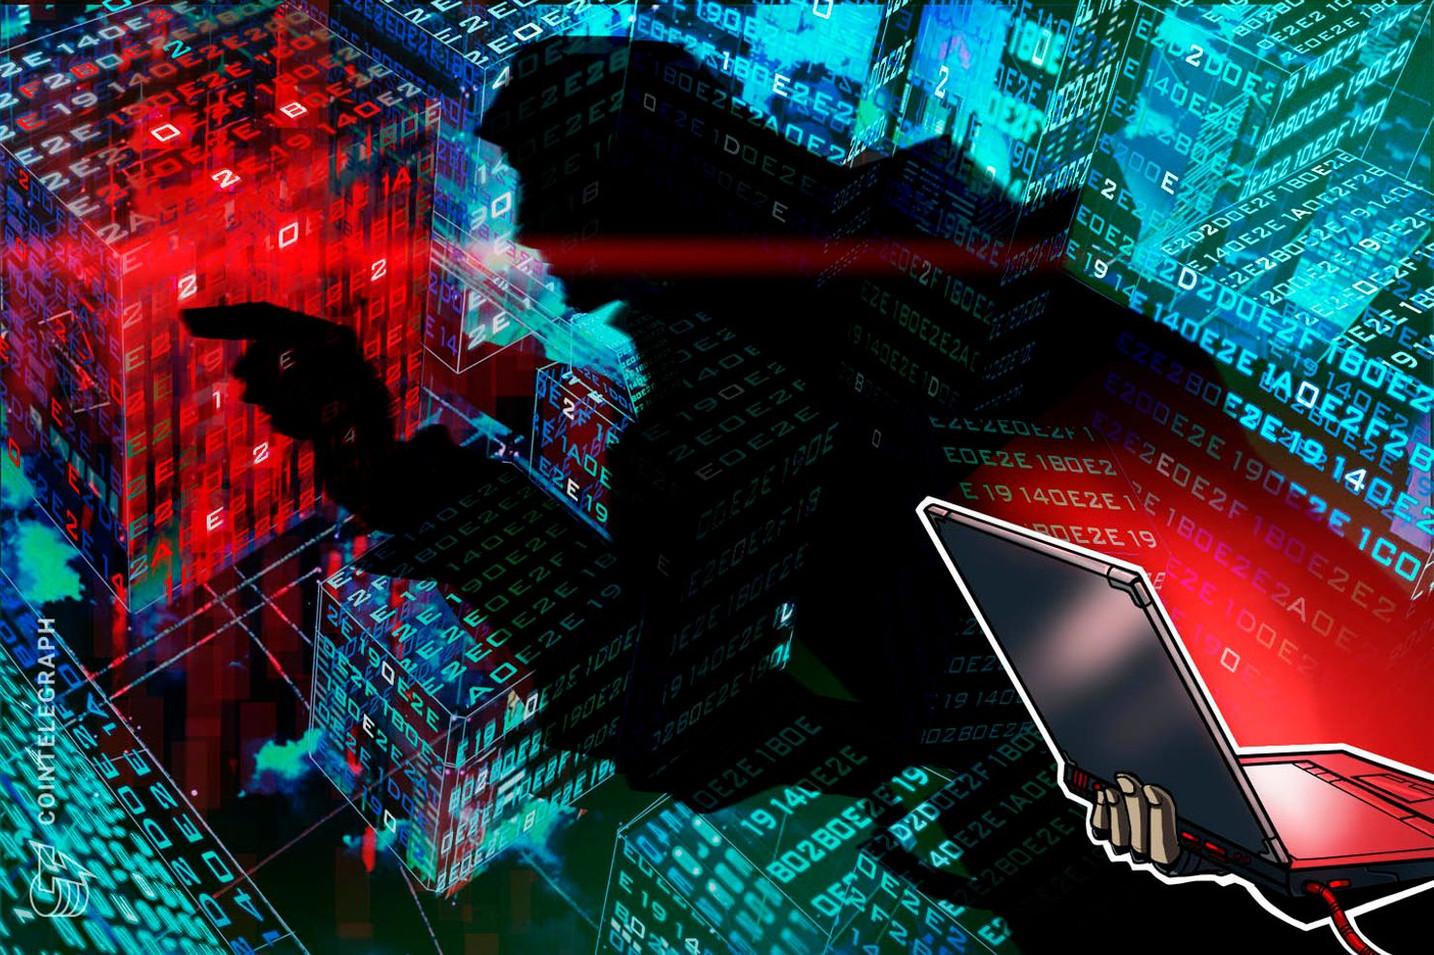 Novo estudo da Coveware diz que ataques ransomware e criptomoedas no primeiro trimestre de 2019 dobraram resgate deste o último ano